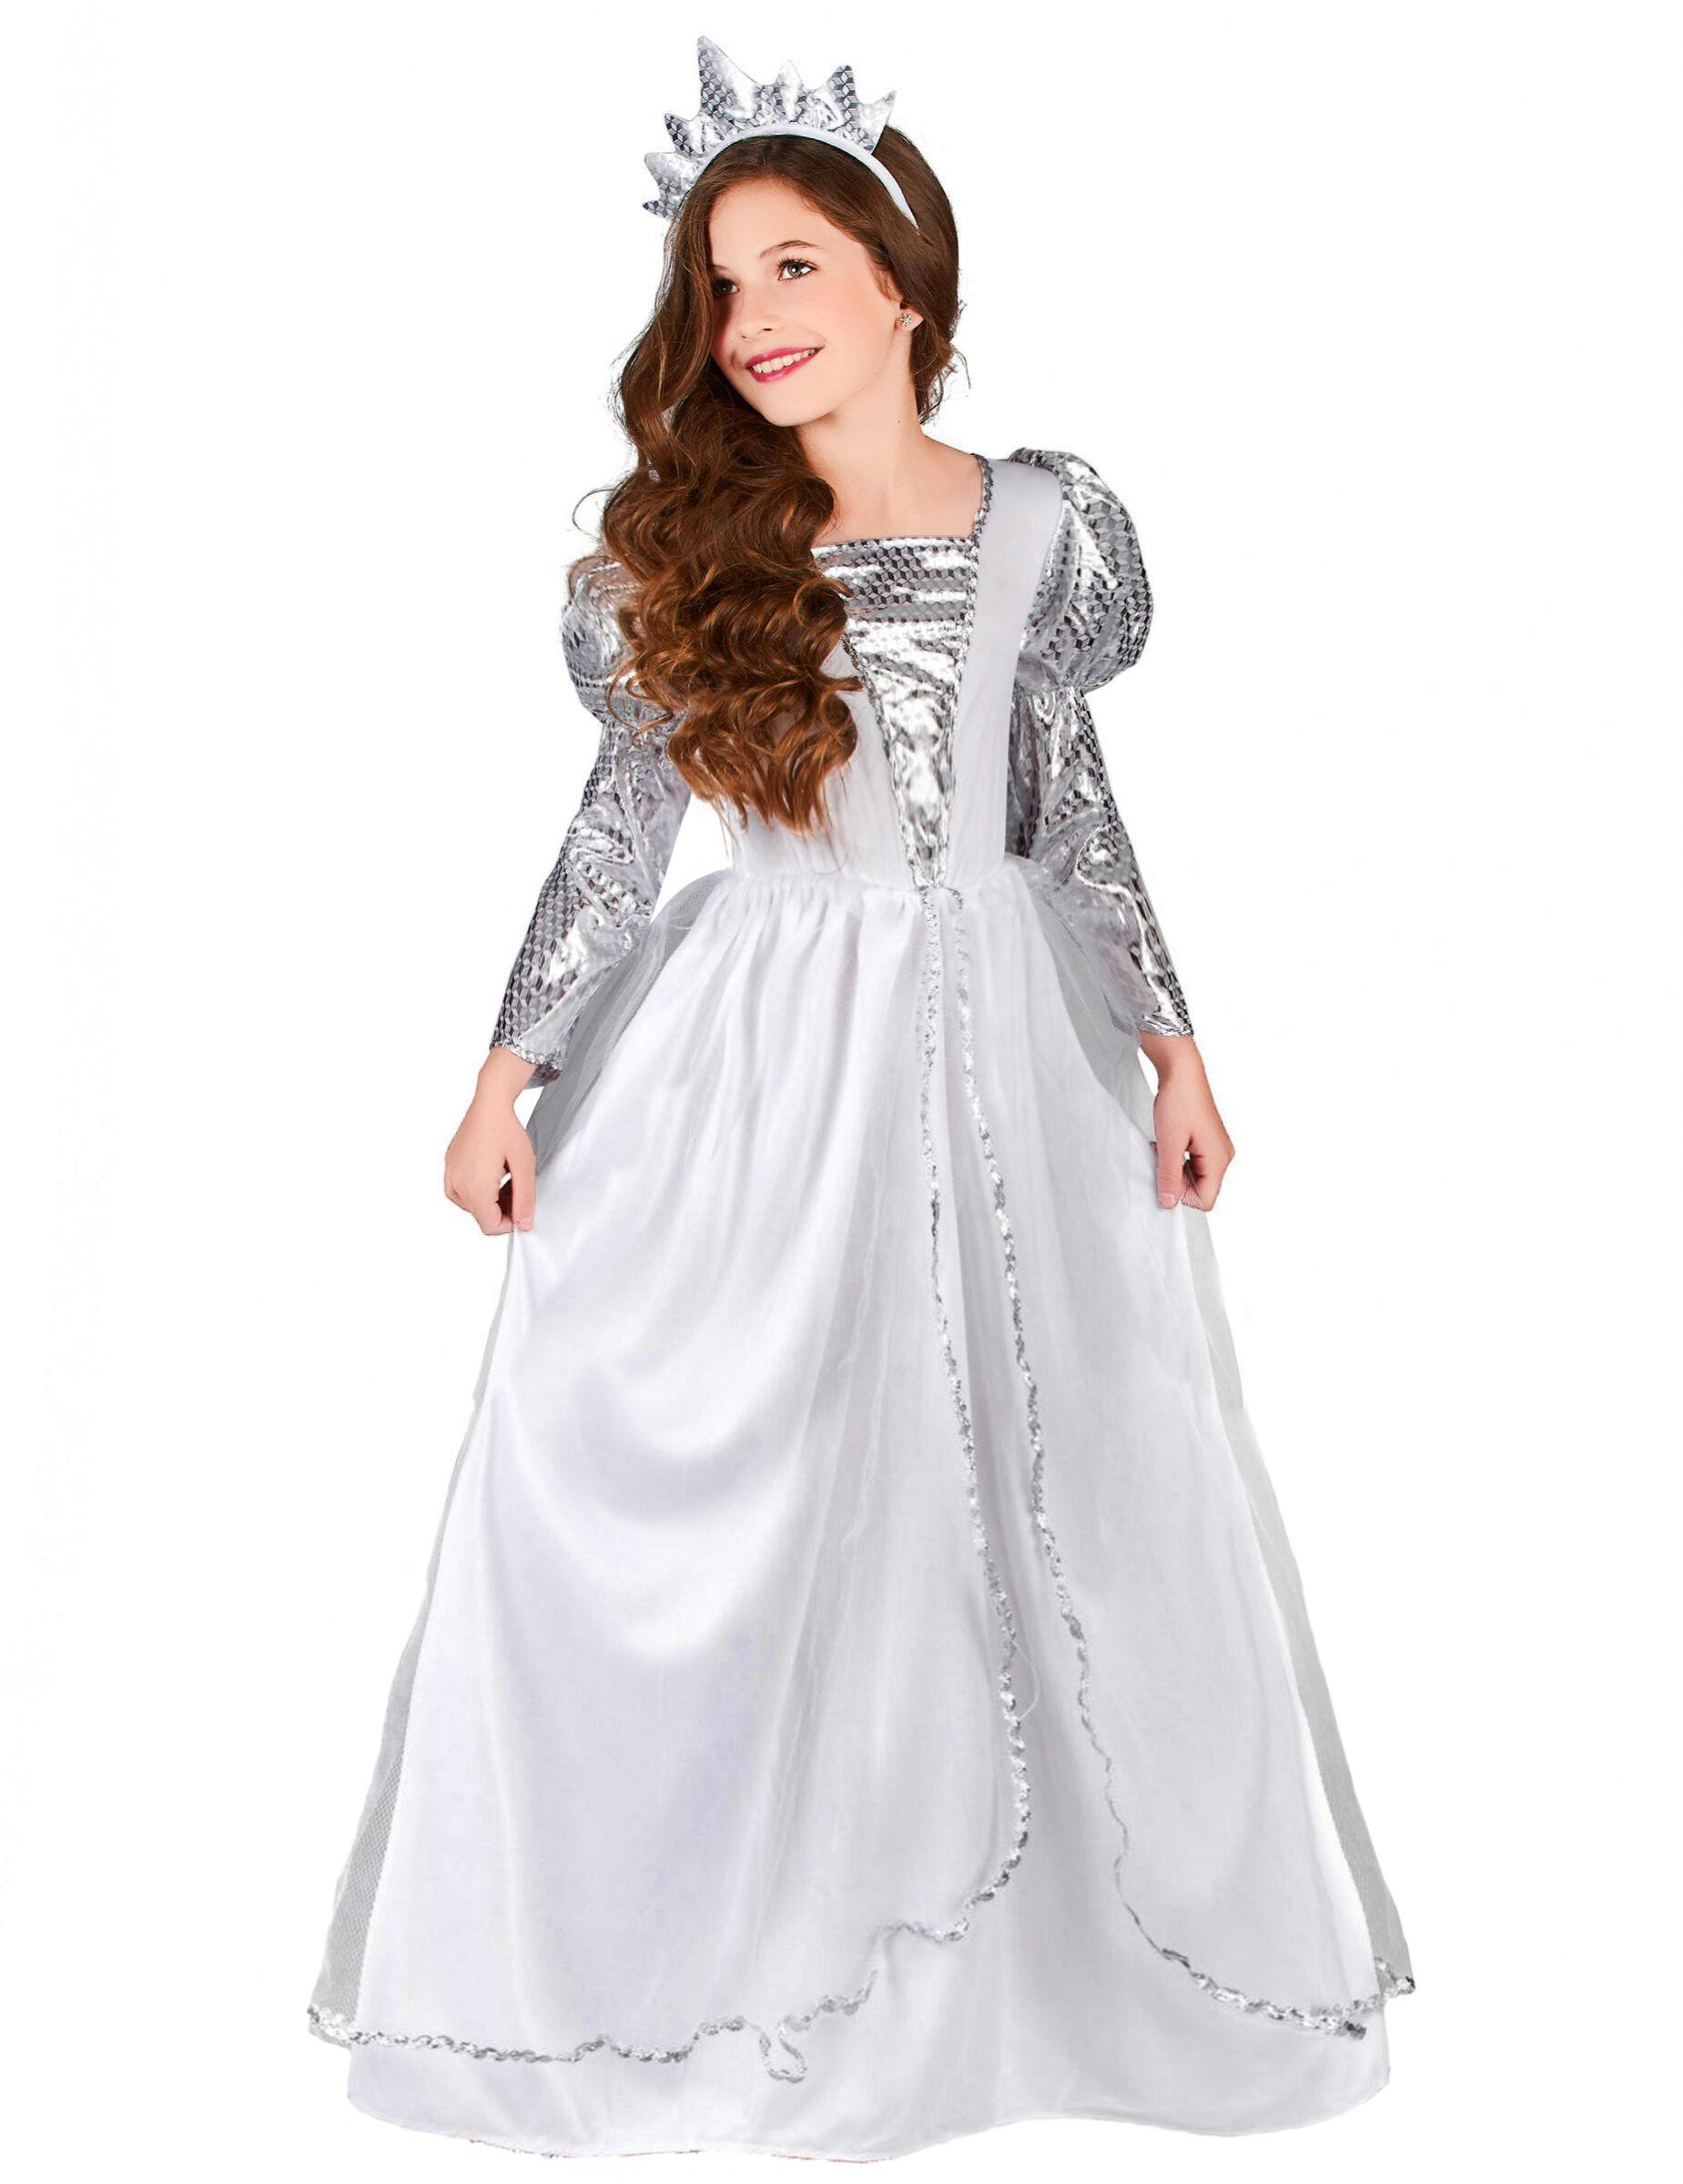 Deguisetoi Déguisement princesse à voilage fille - Taille: M 7-9 ans (120-130 cm)